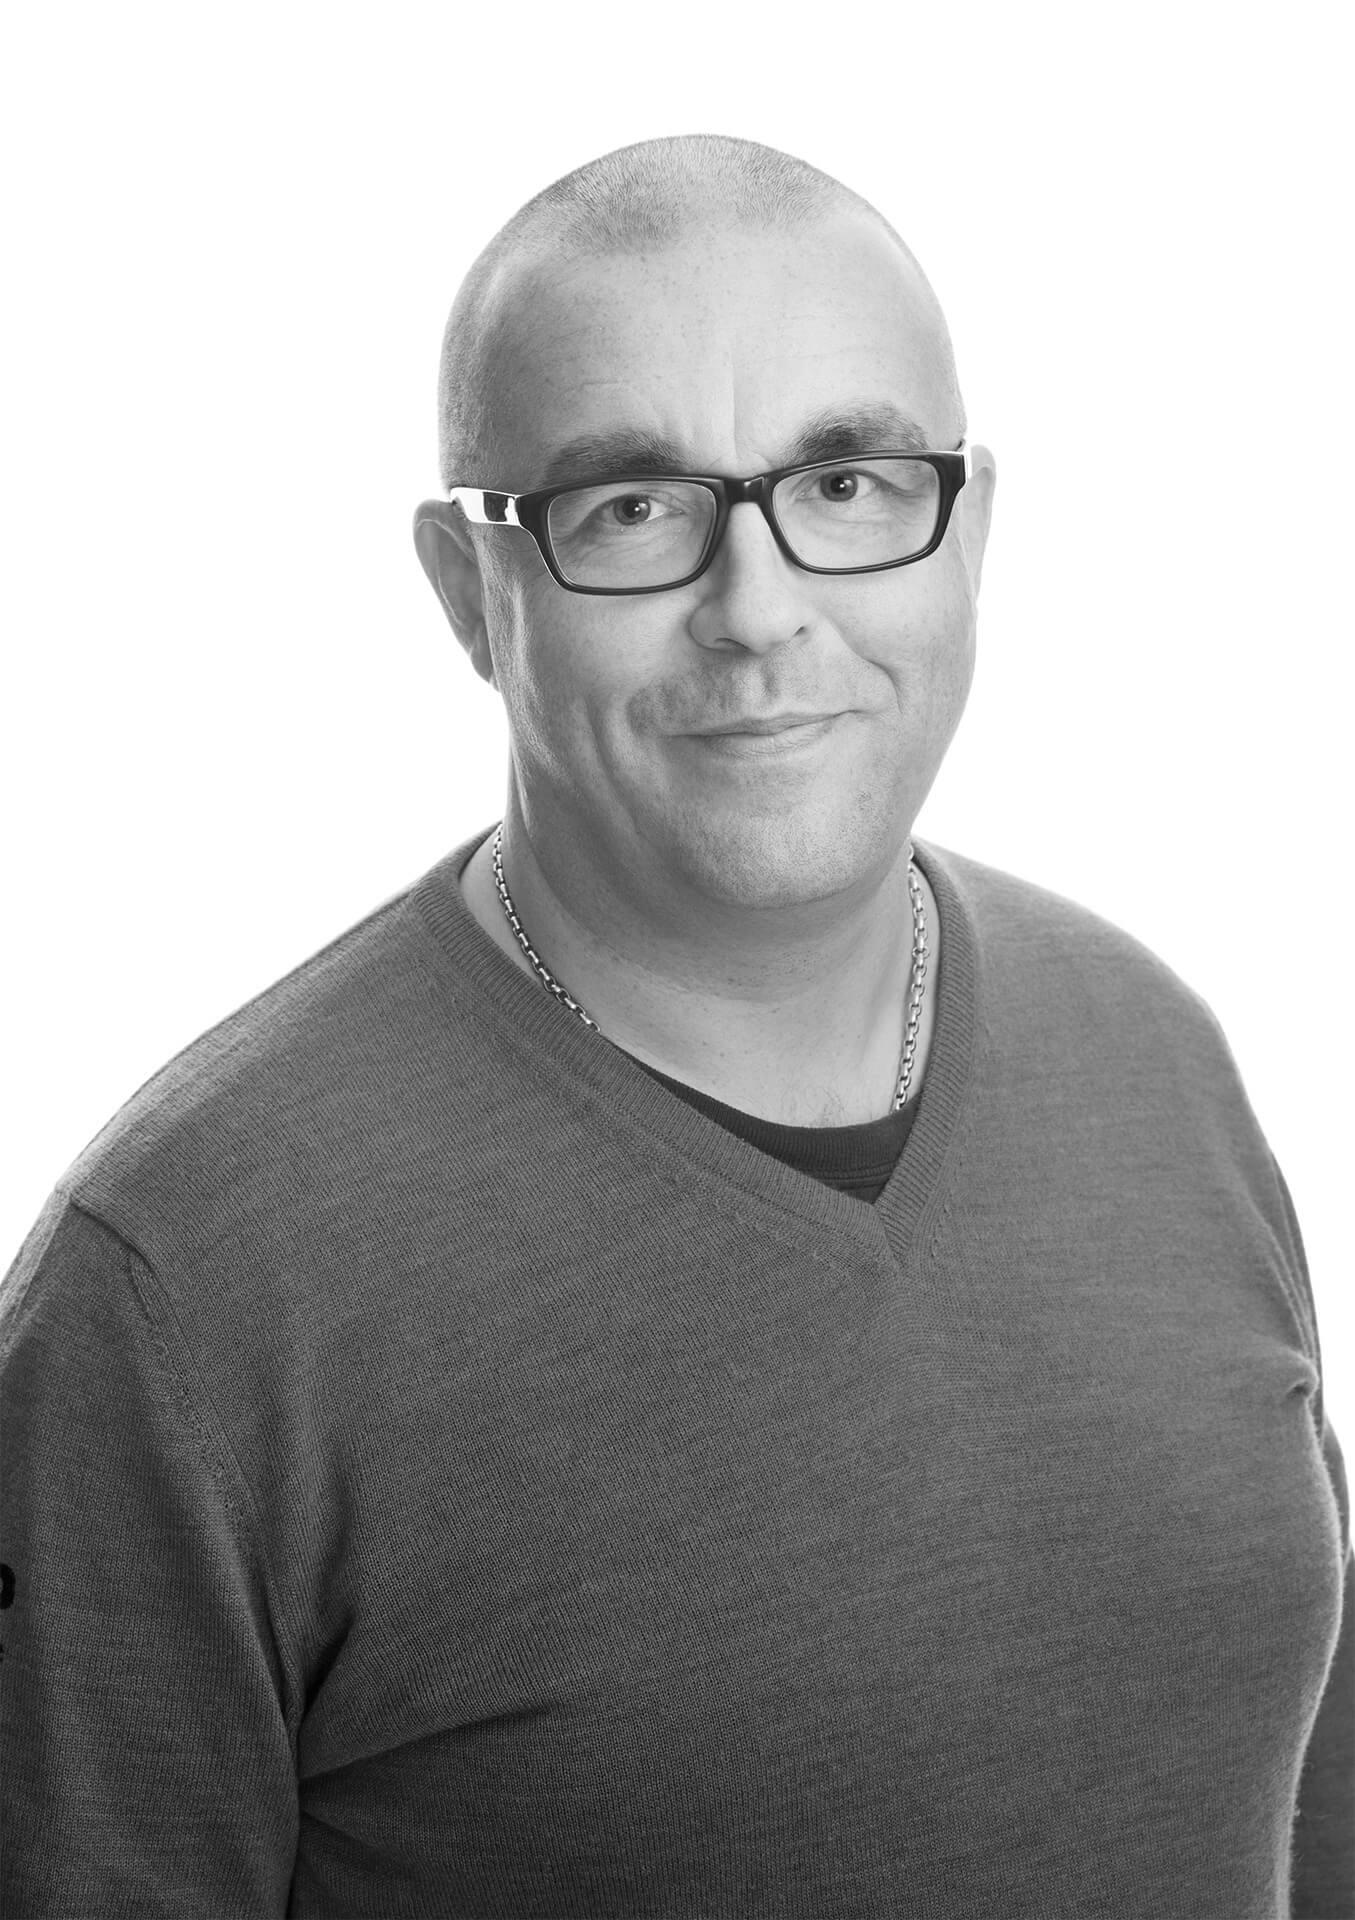 Jussi Lång, turvallisuuspäällikkö, Kip Service